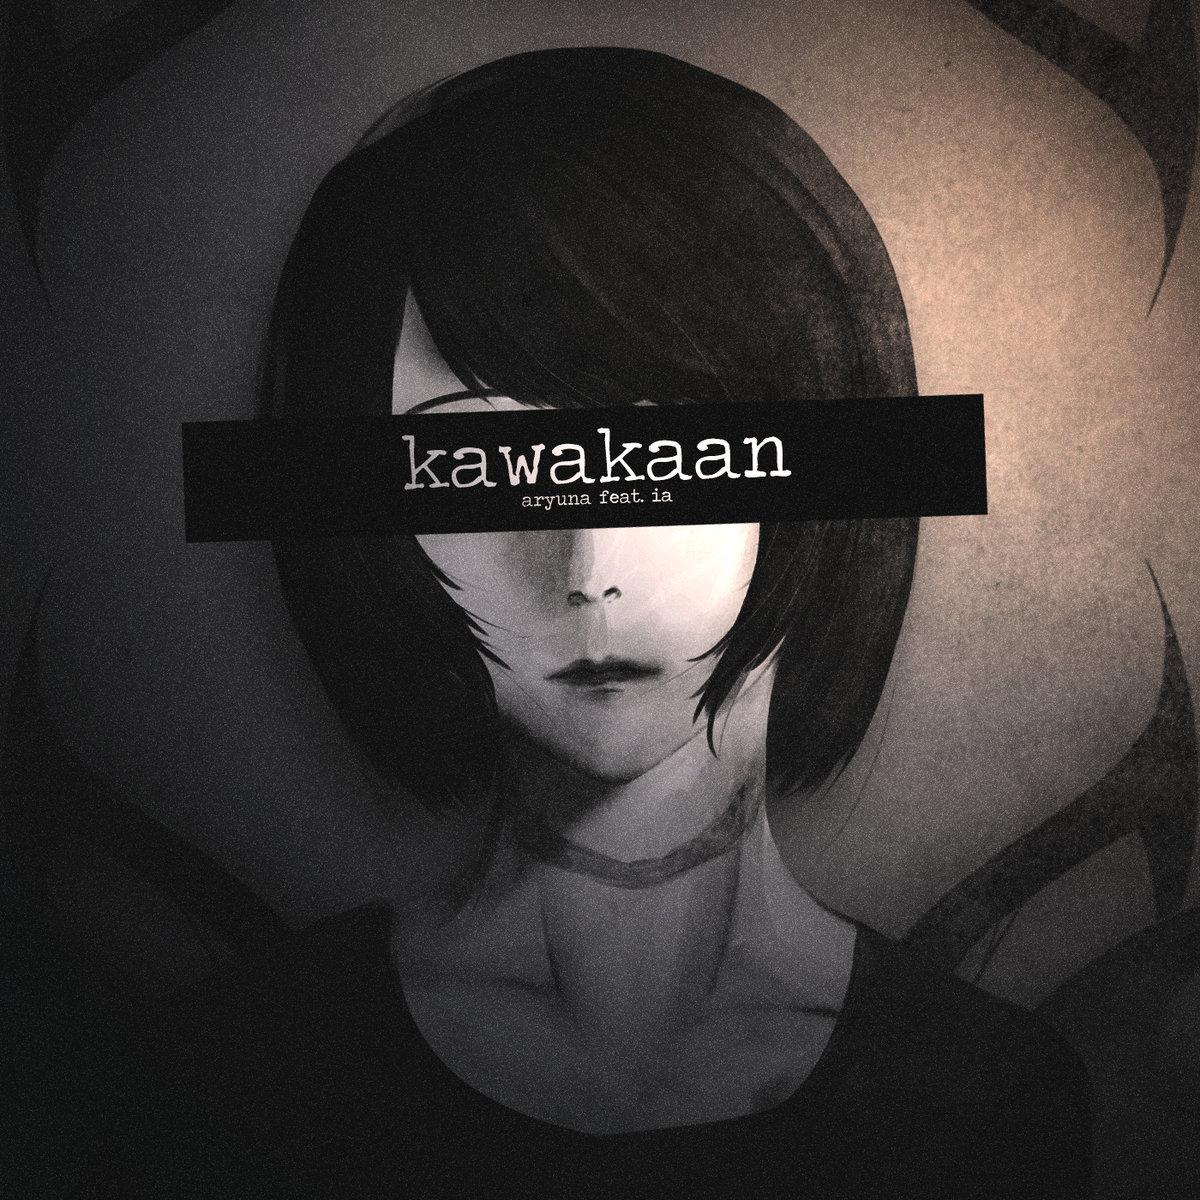 Kawakaan